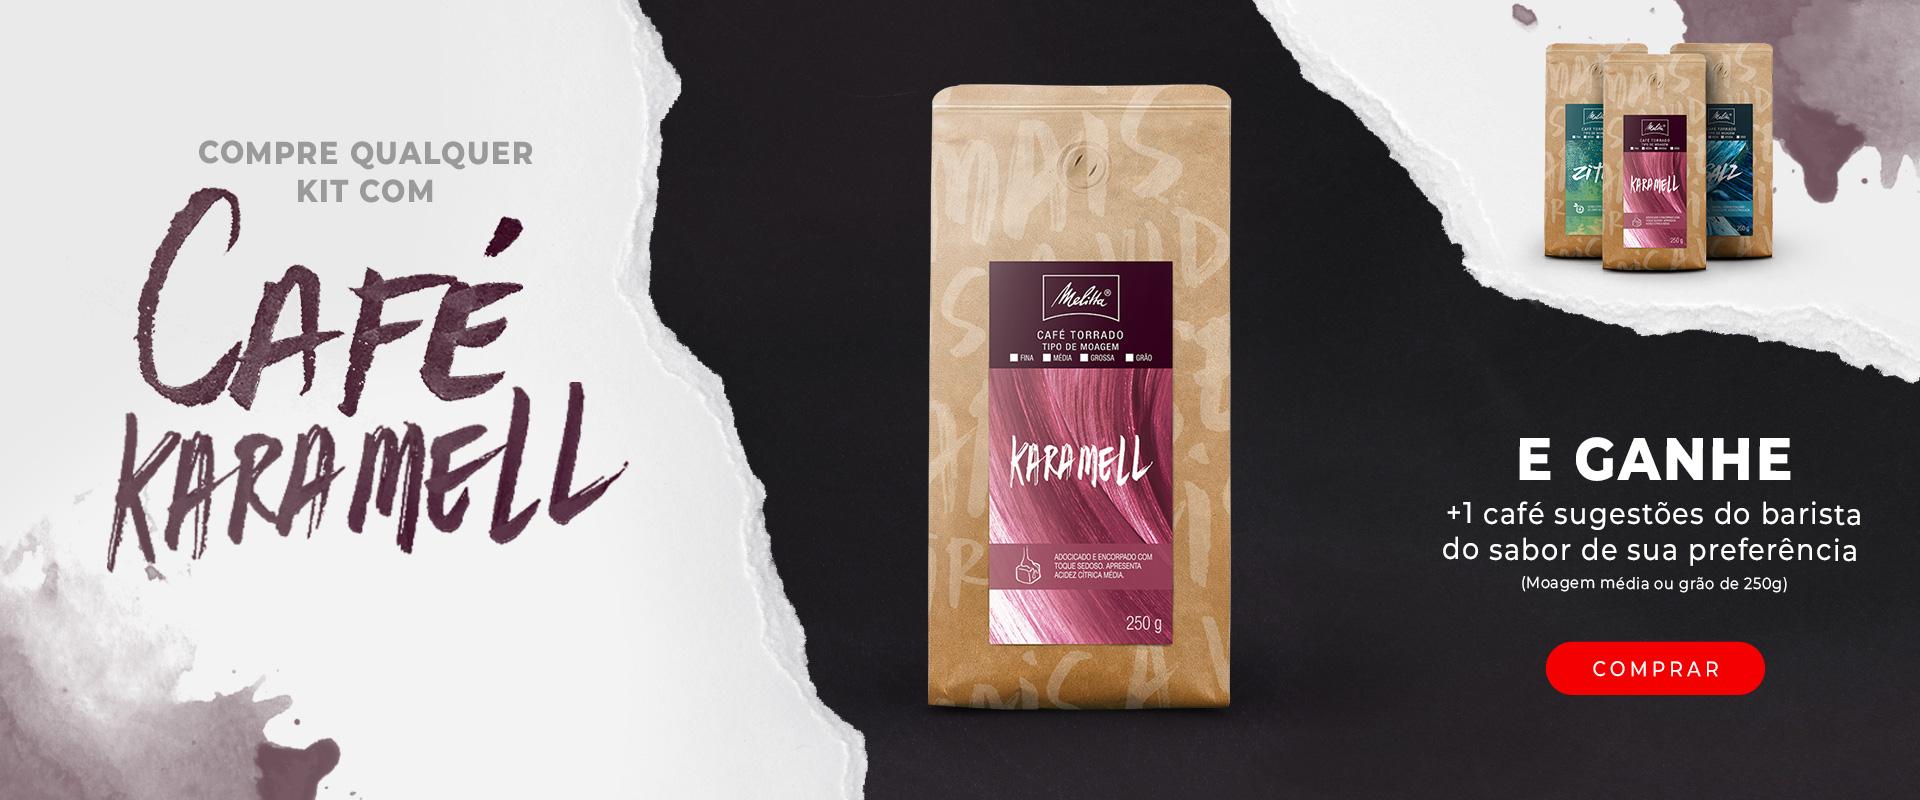 Kit Café Karamell